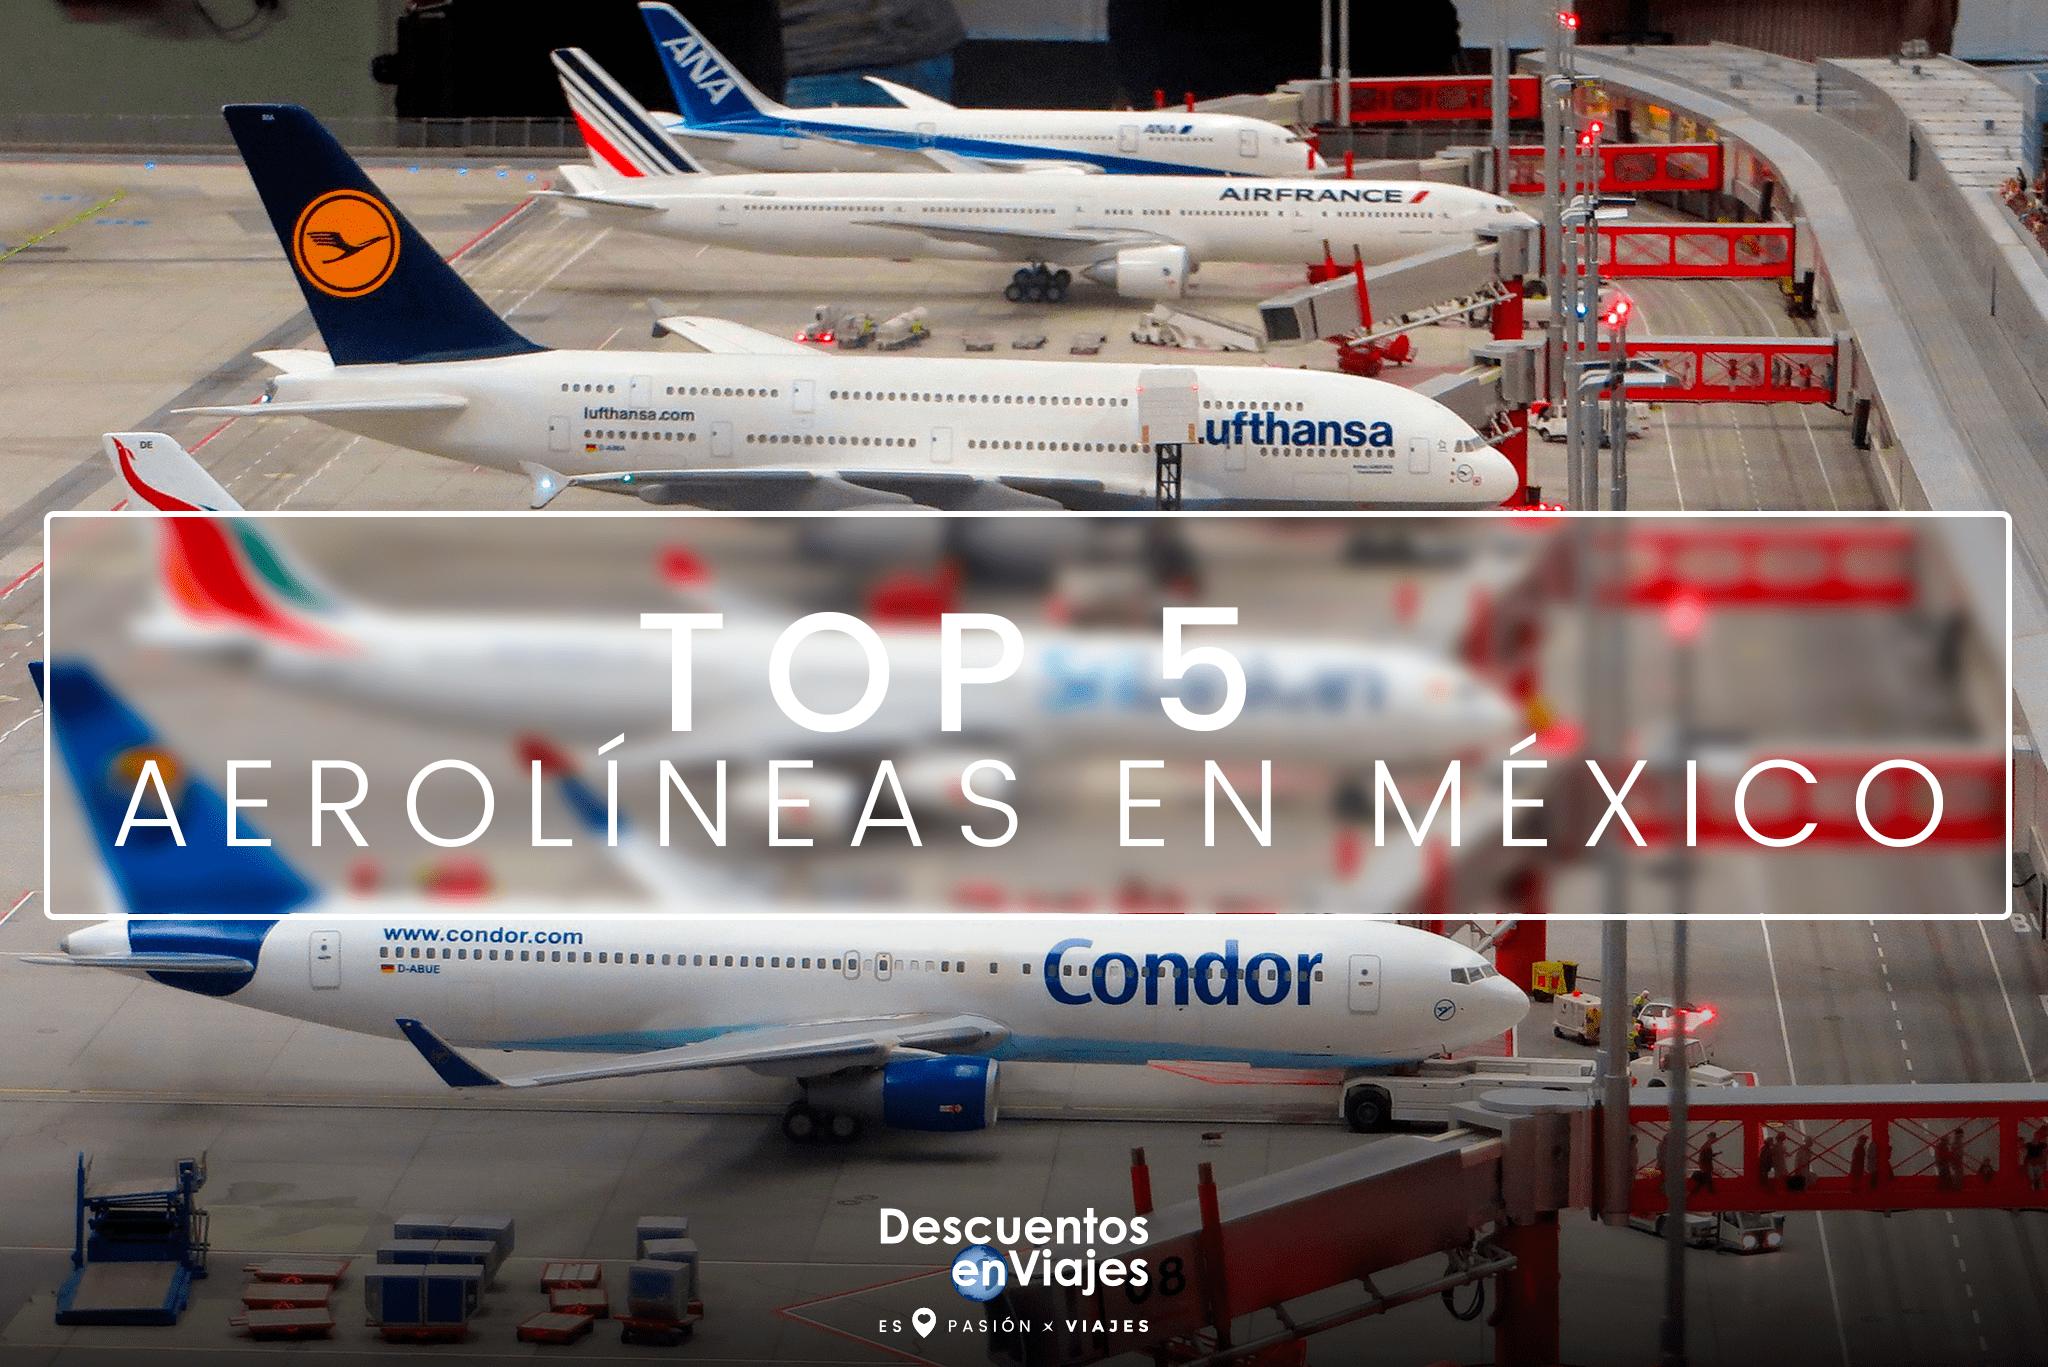 aerolineas mexico descuentos viajes